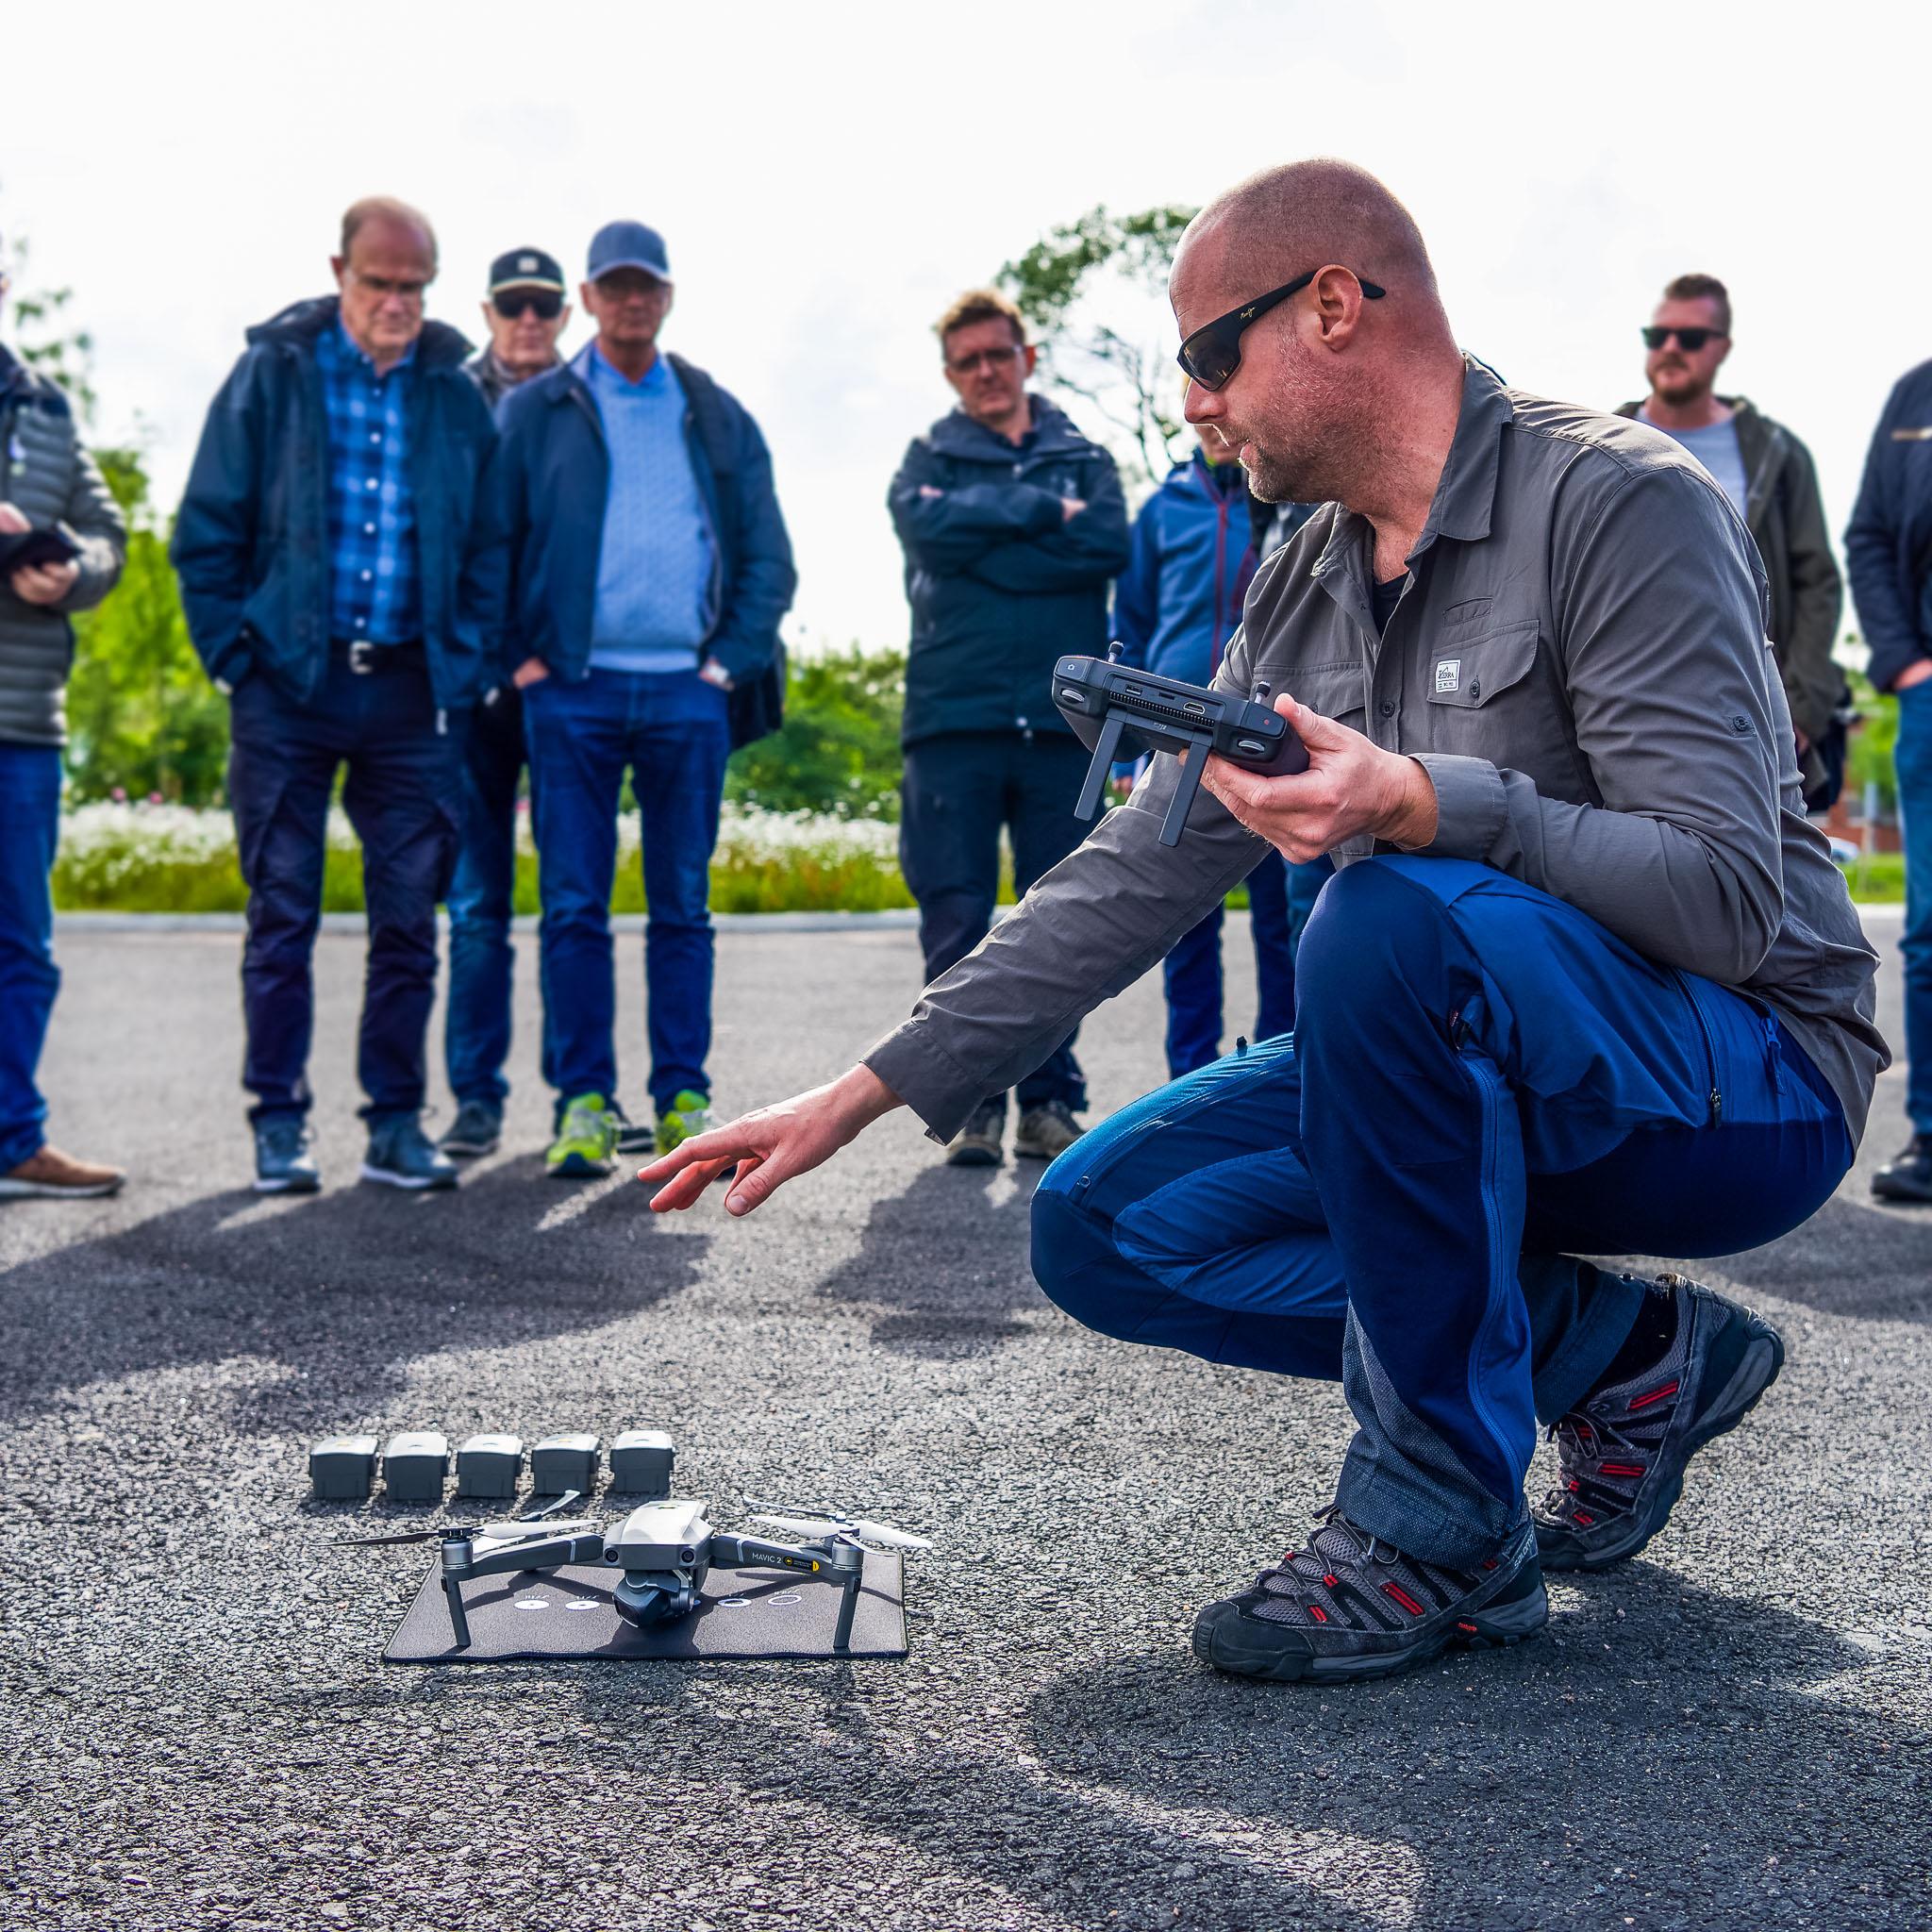 flygfotografering-dronare-workshop-goteborg-molndal-malmo-stockholm-forelasning